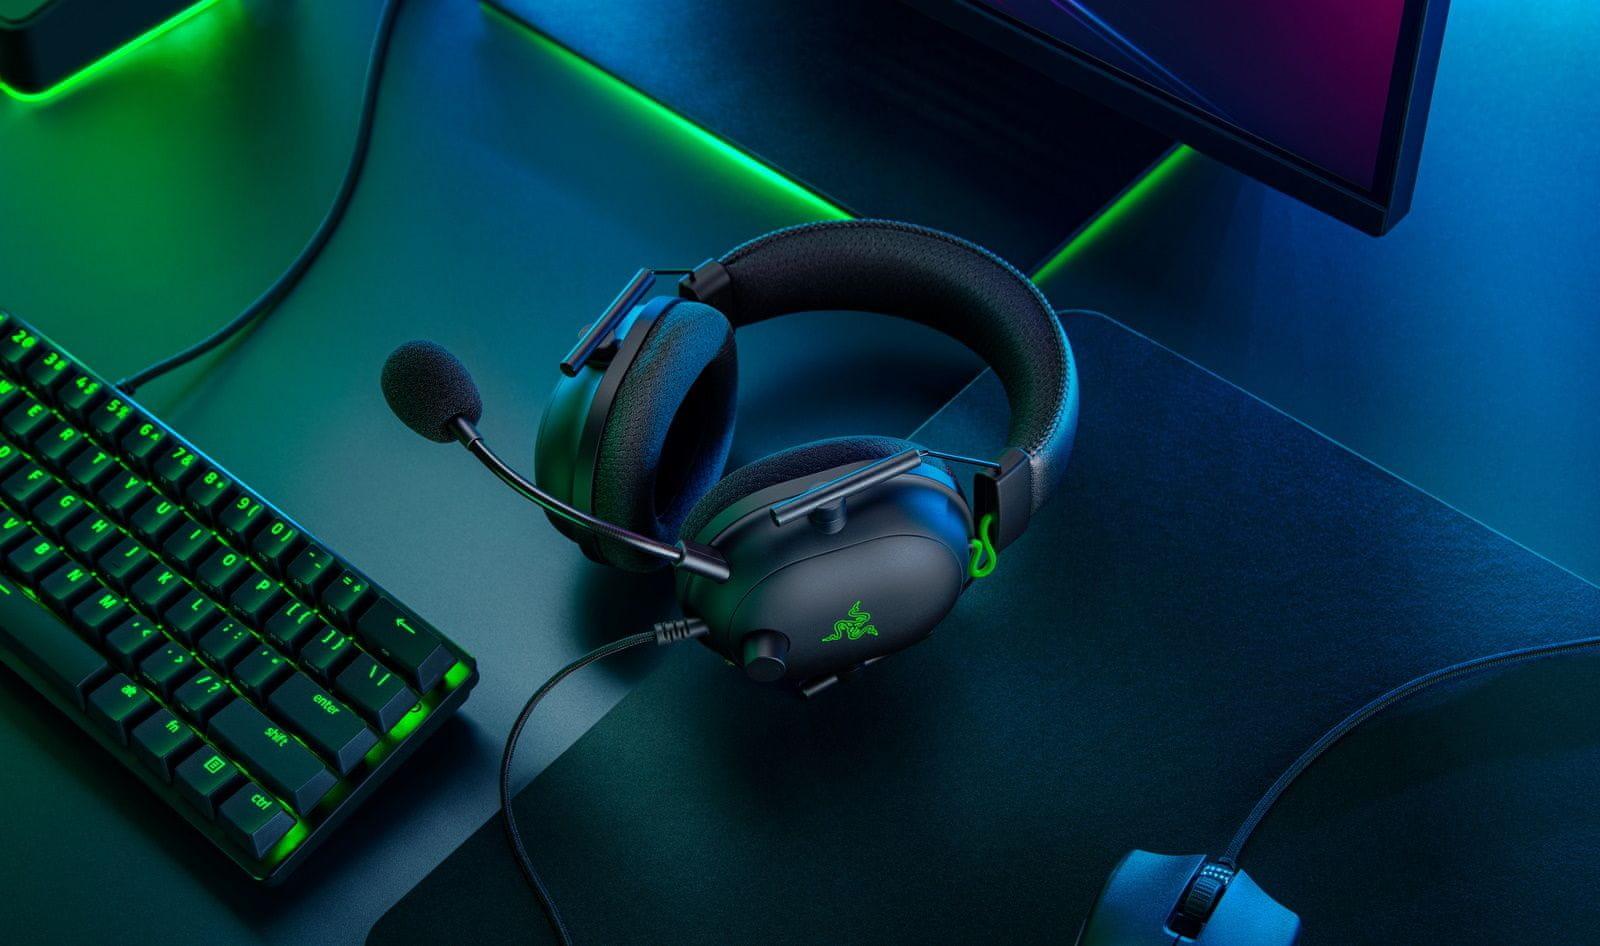 Sluchátka Razer BlackShark V2 (RZ04-03230100-R3M1), 50mm měniče,  Razer, paměťová pěna, Razer HyperSpeed prostorový zvuk THX, odolná lehká konstrukce, drátové